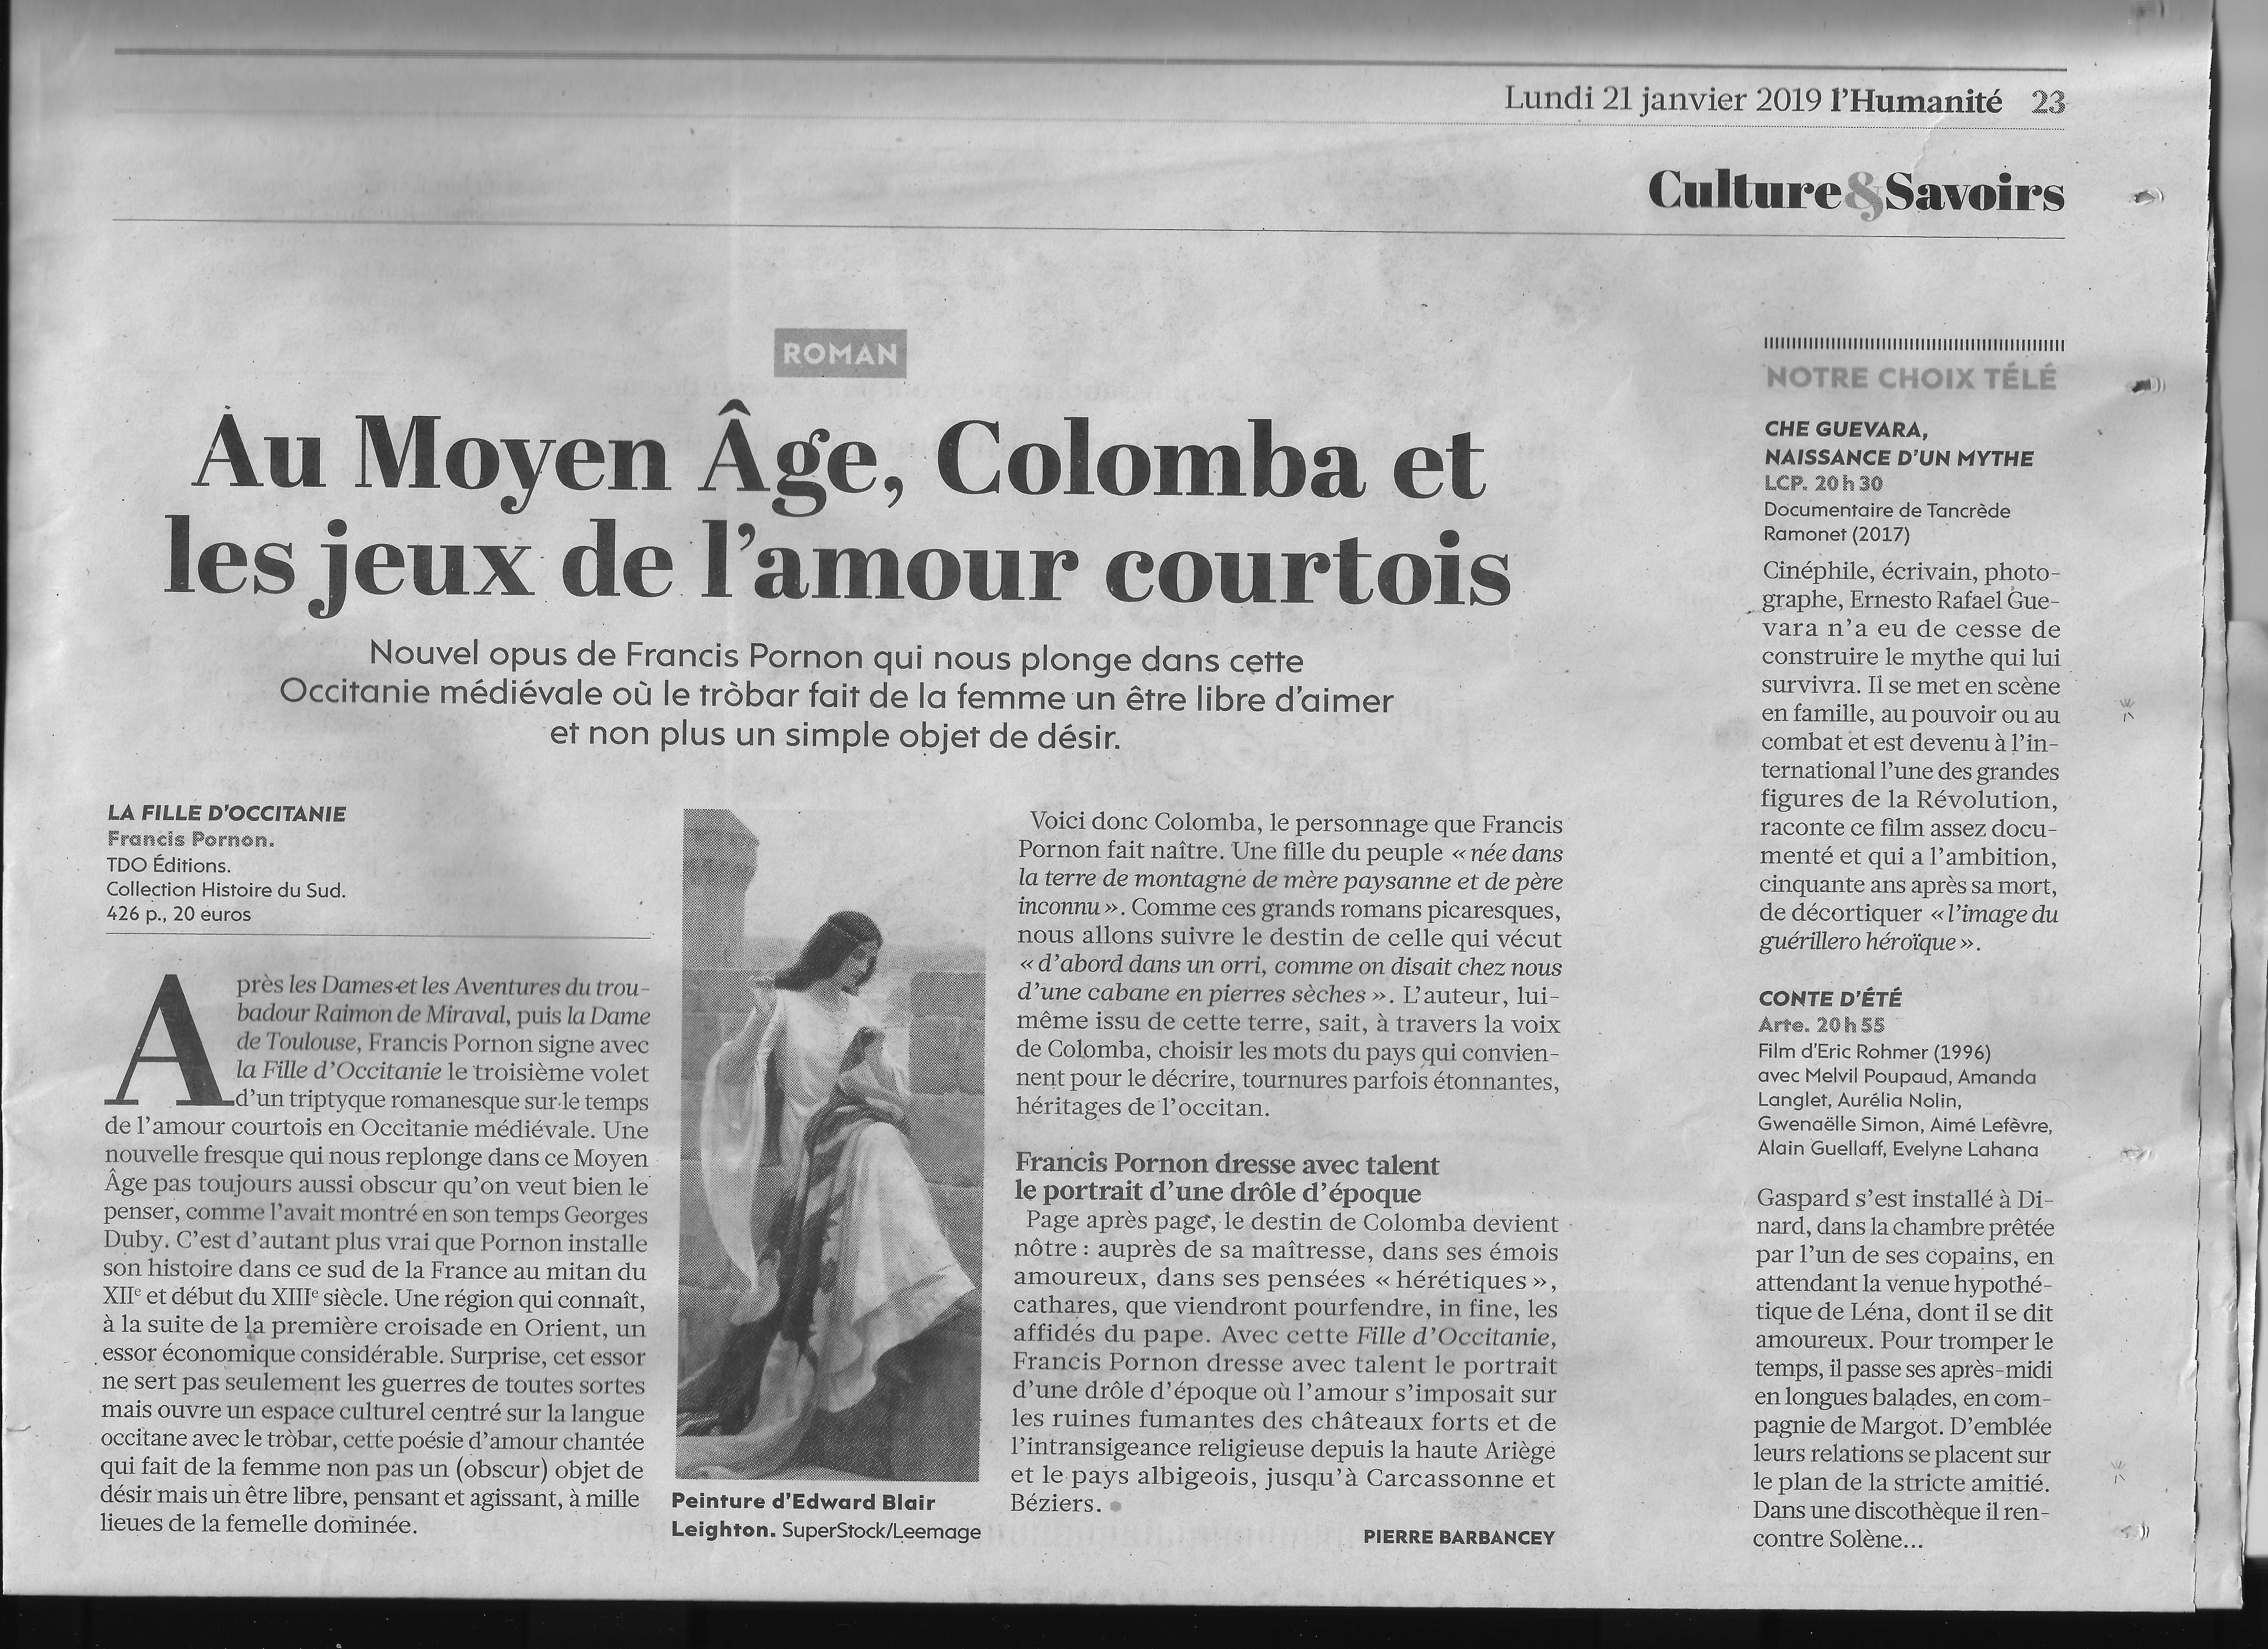 Article dans le journal L'Humanité sur Francis Pornon - 21/01/2019